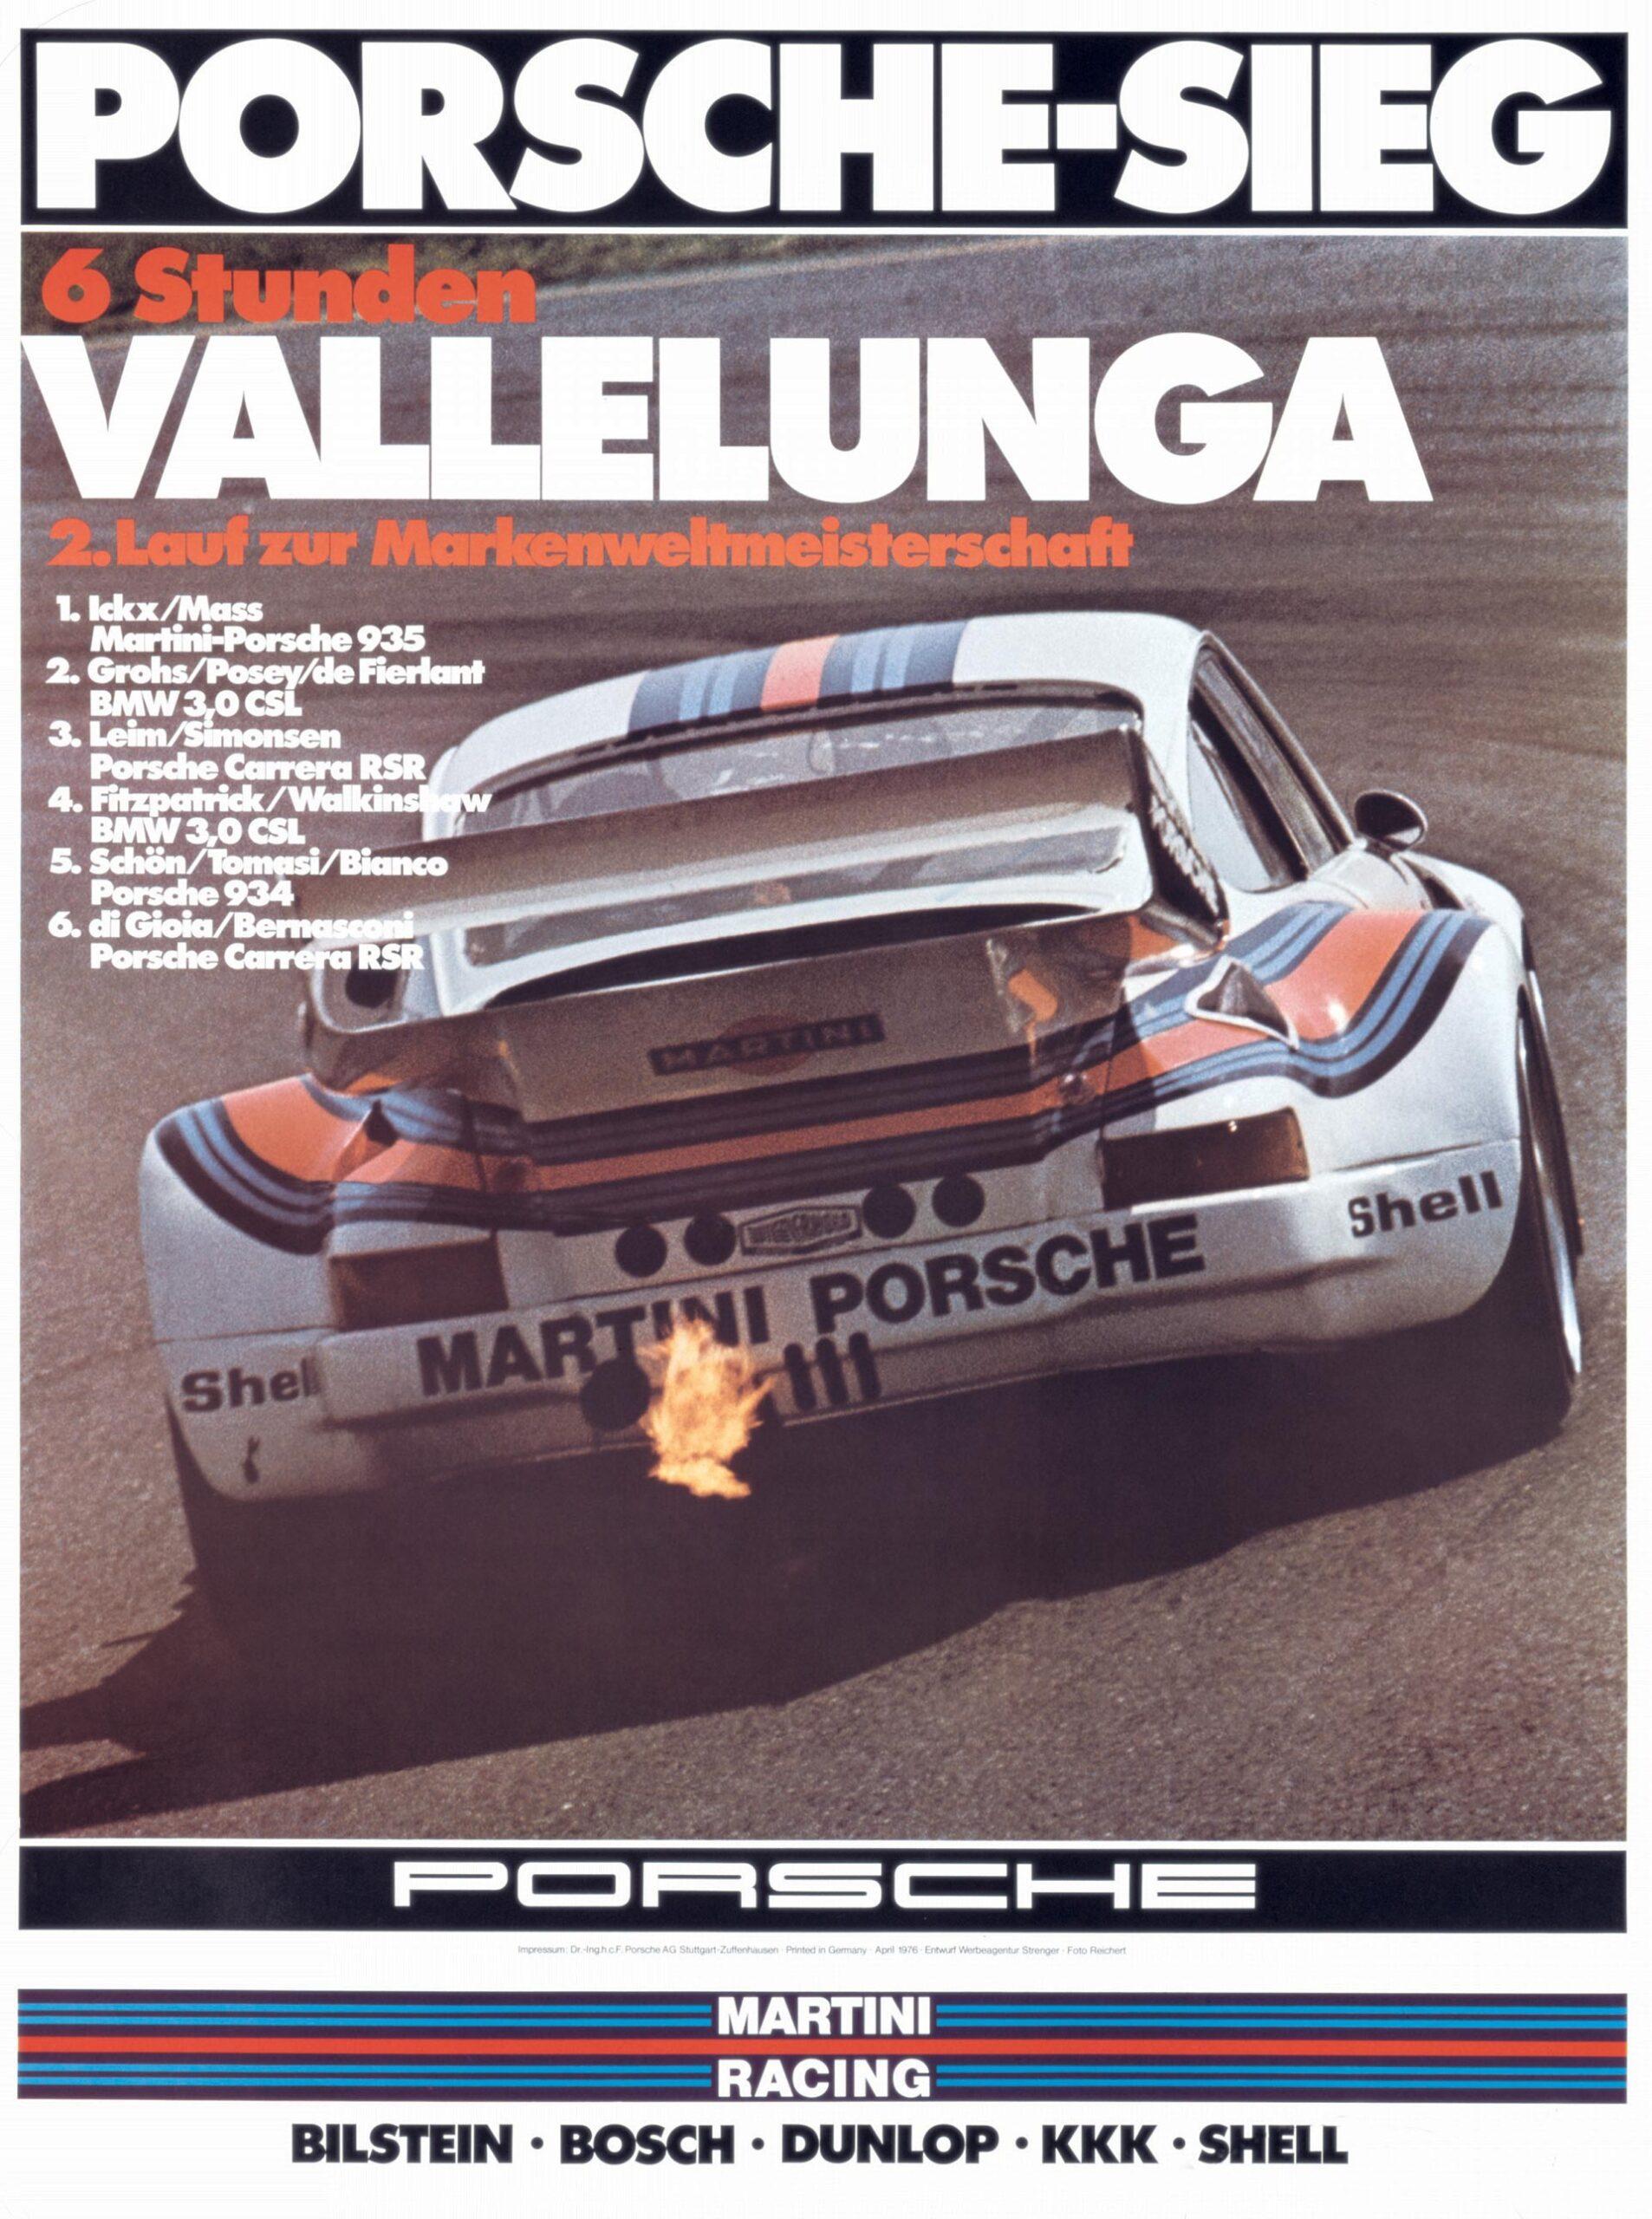 Plakat Porsche Vallelunga 6h 1976